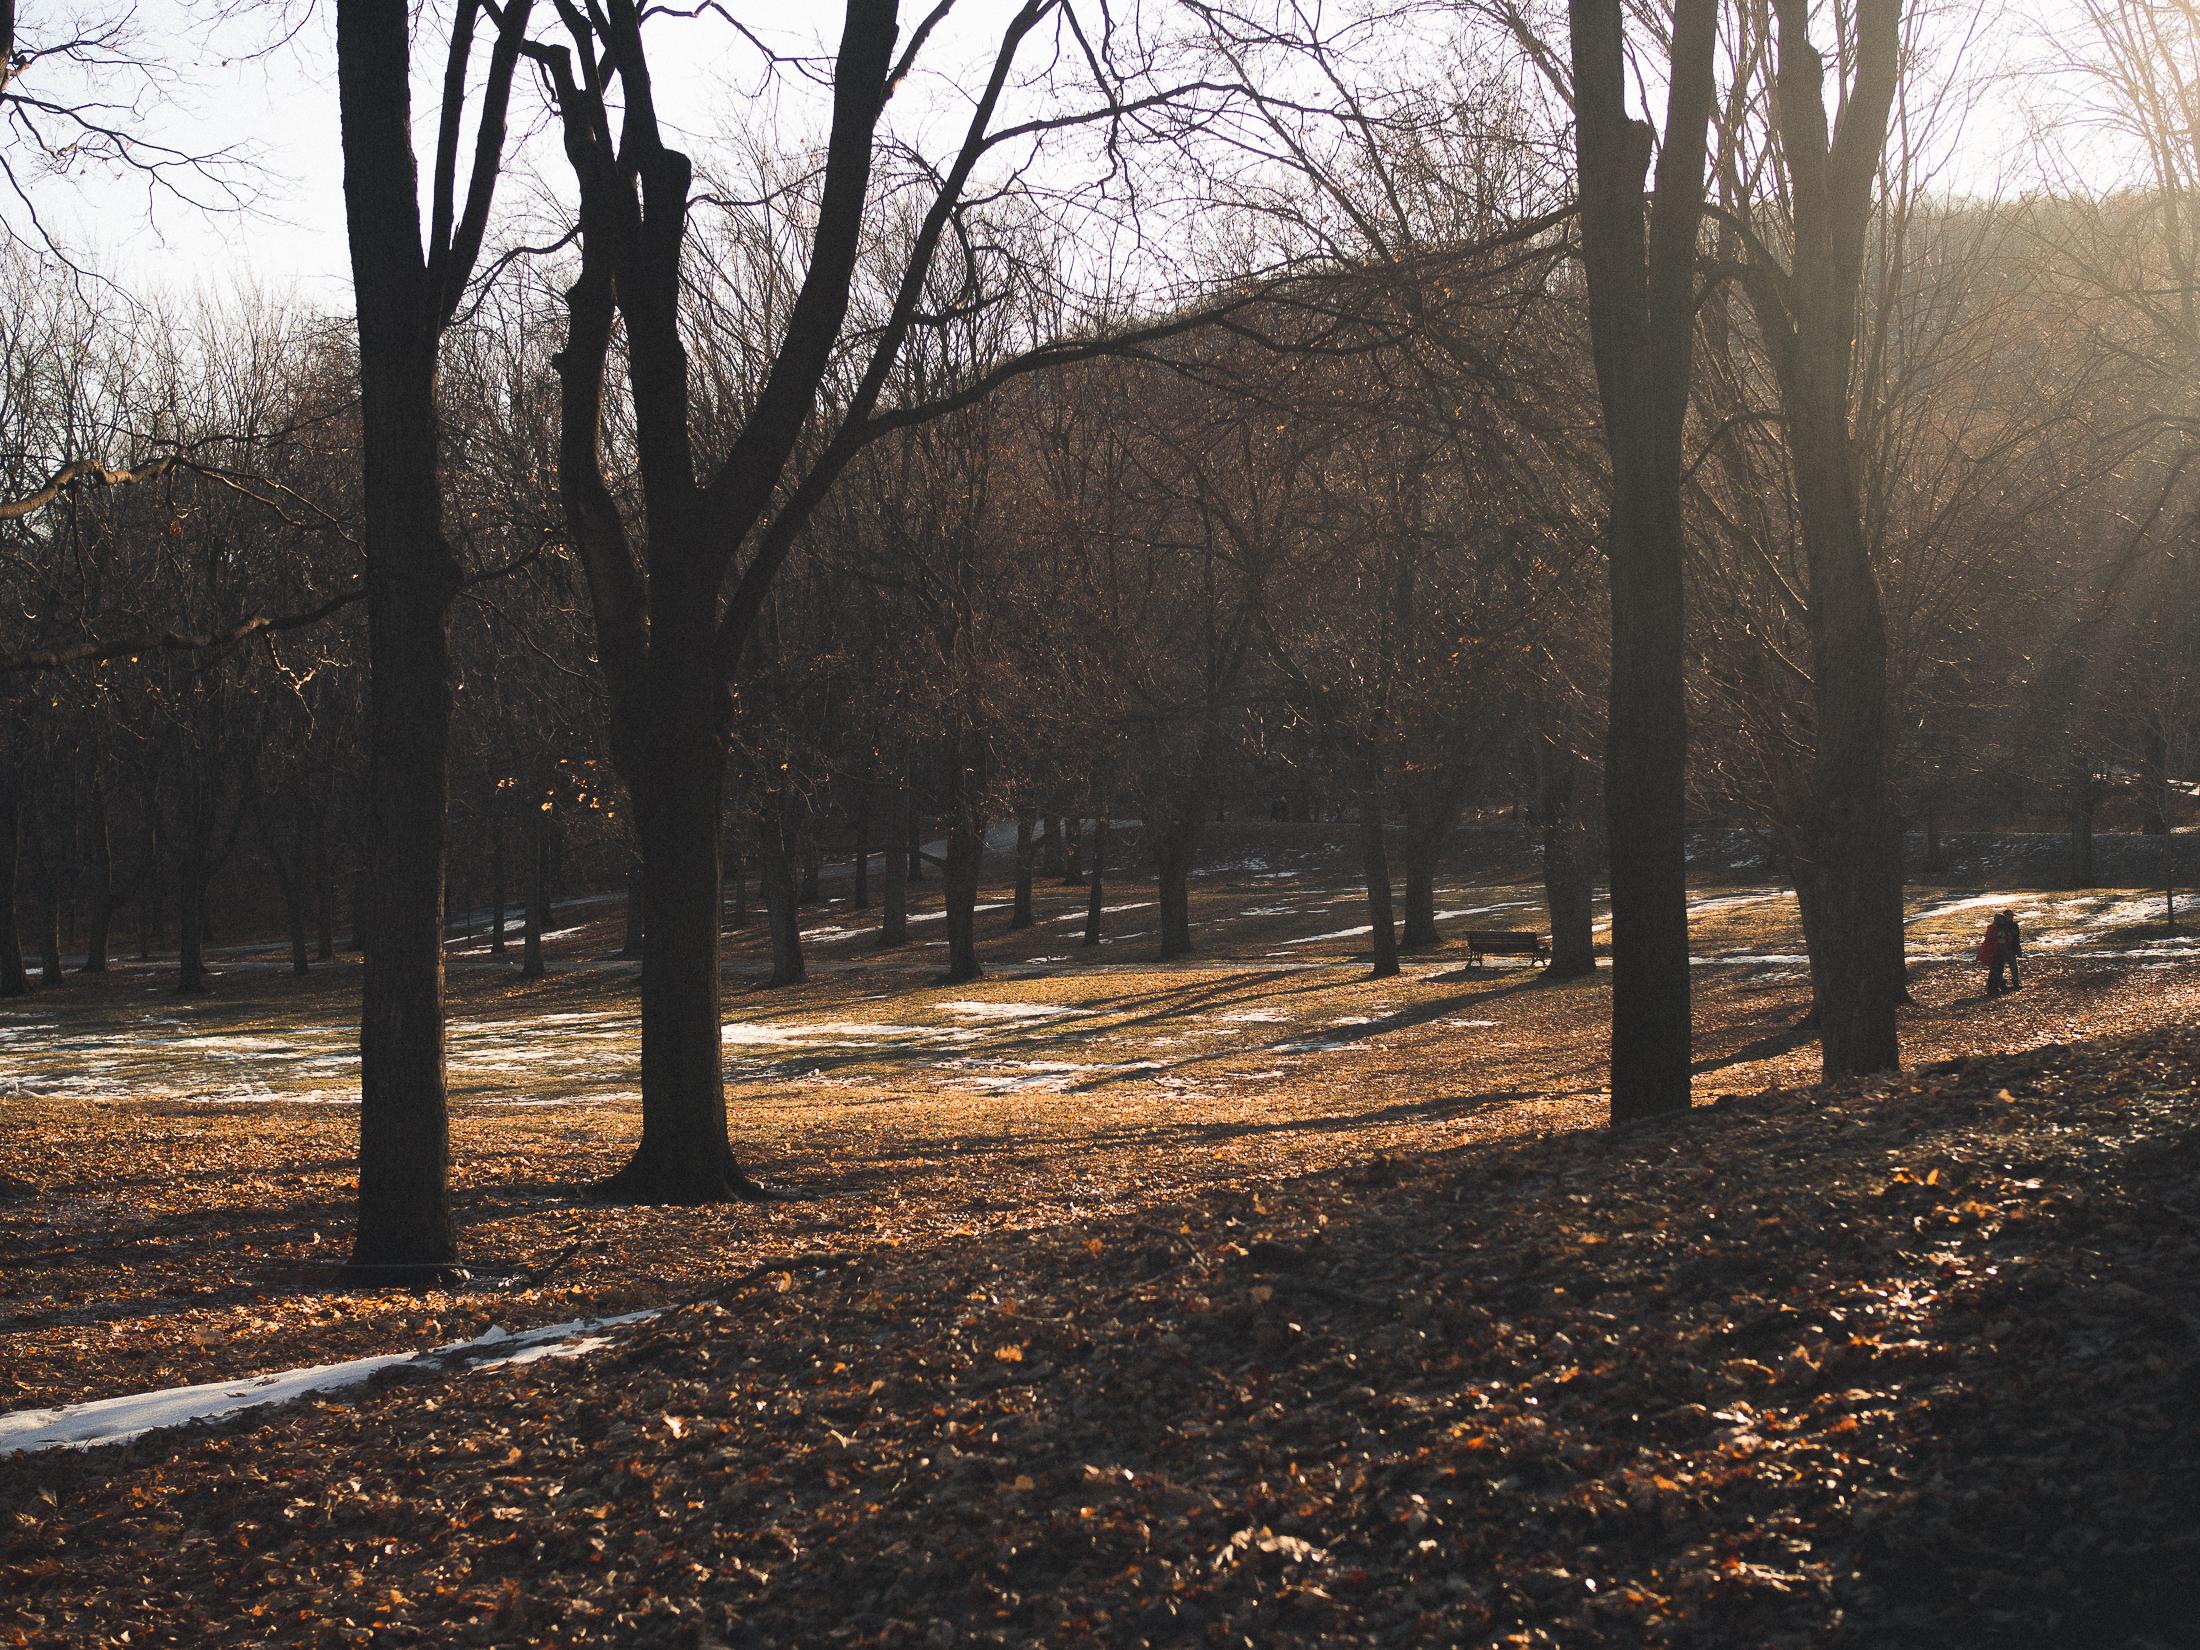 arbres dans la lumière en hiver